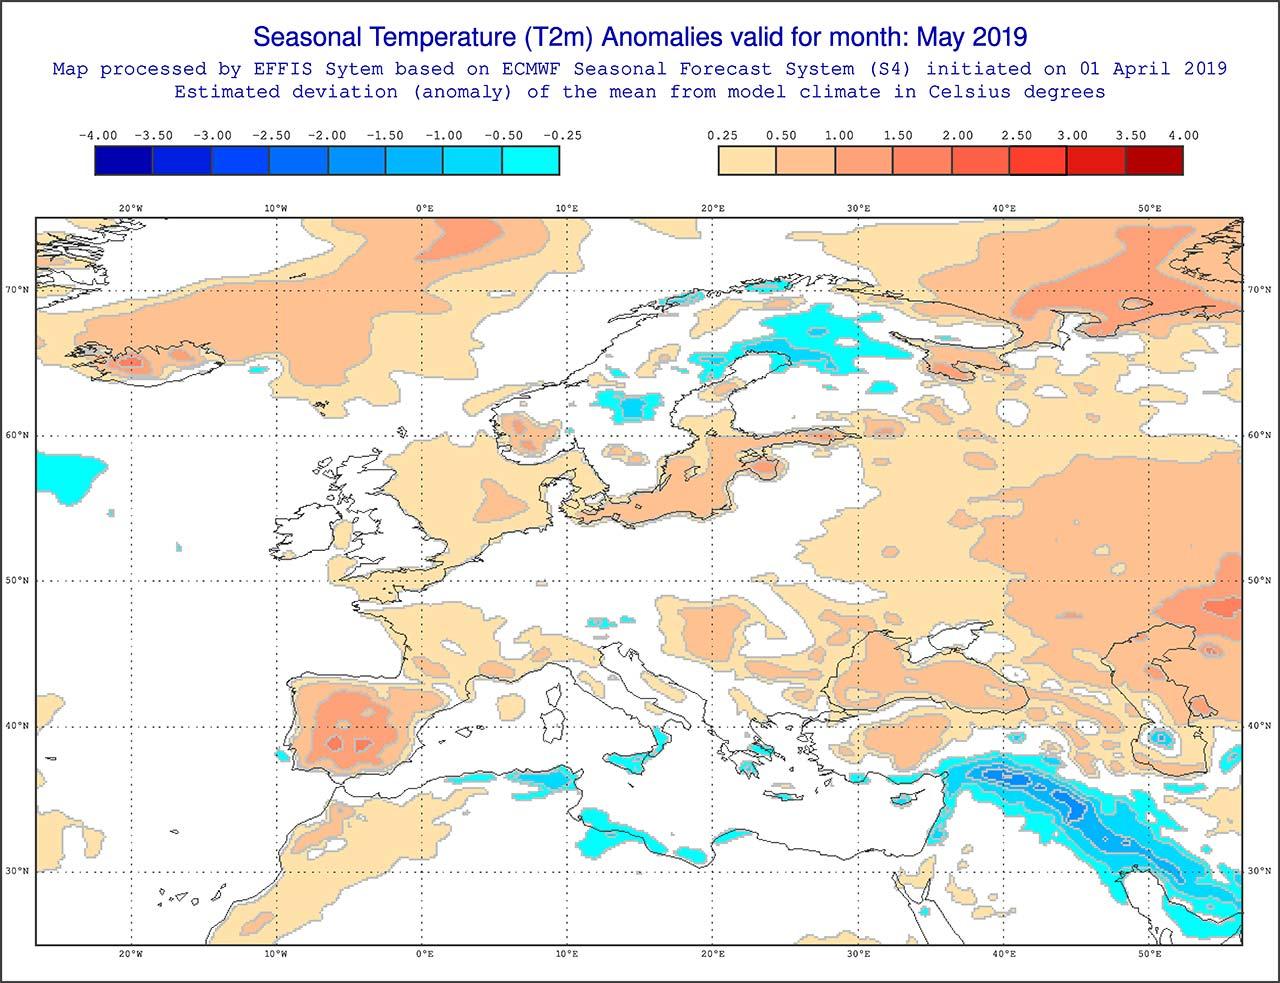 Anomalie di temperatura previste dal modello ECMWF per il mese di maggio 2019 - effis.jrc.ec.europa.eu